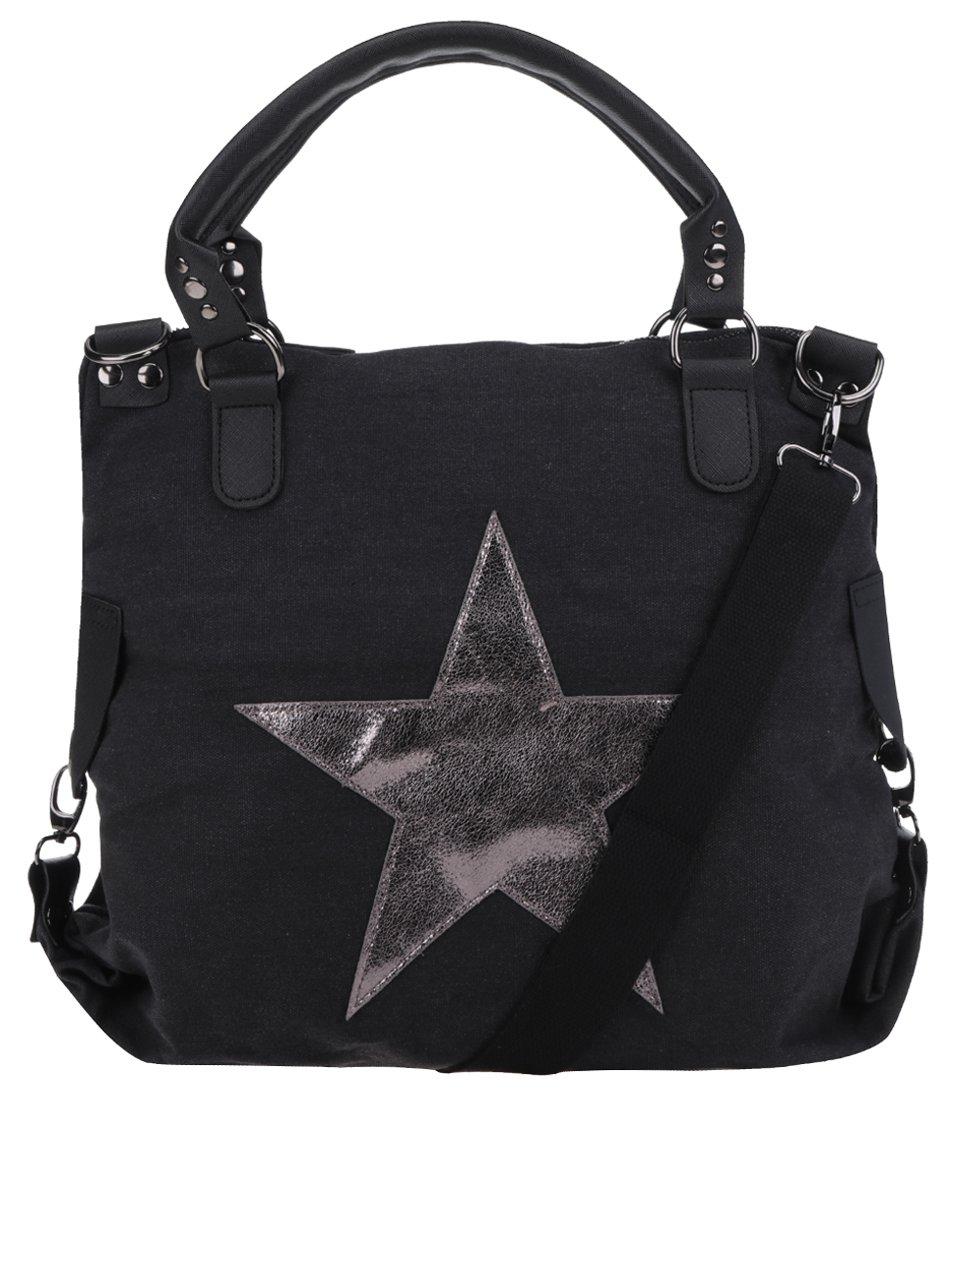 Tmavě šedá kabelka s nášivkou hvězdy Haily´s Star M